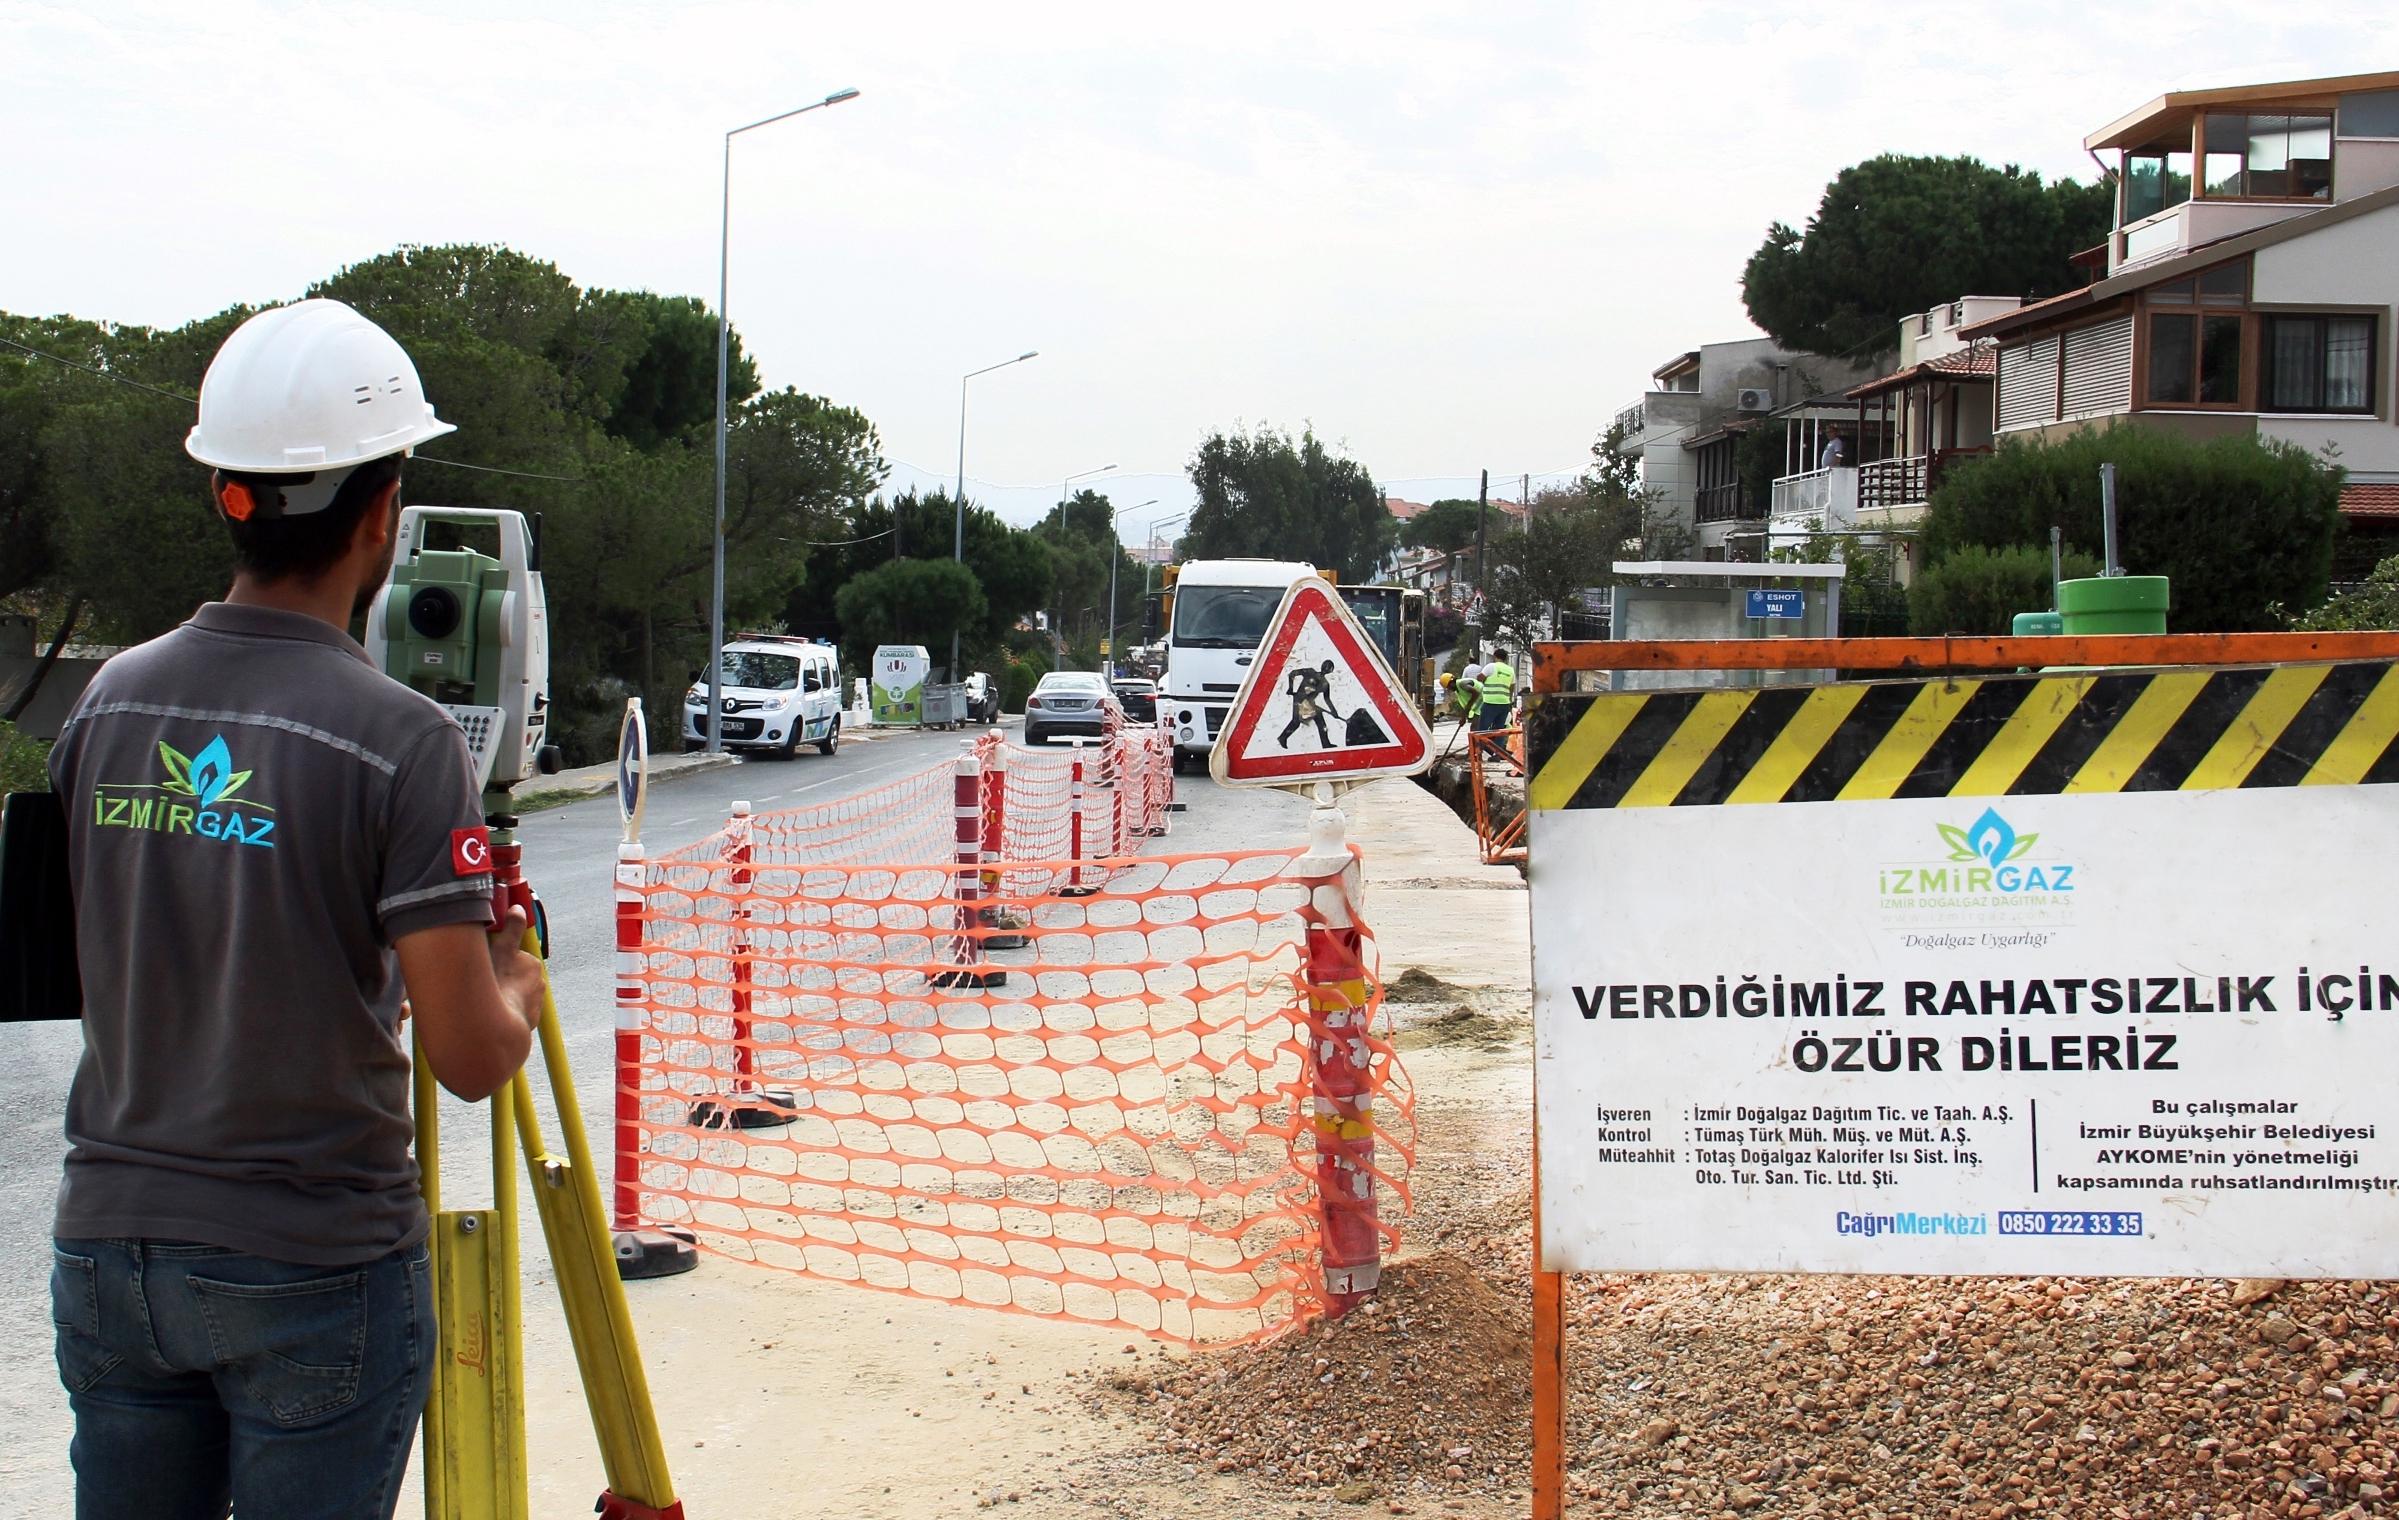 İzmir'de 305 mahalle daha gaza kavuşuyor